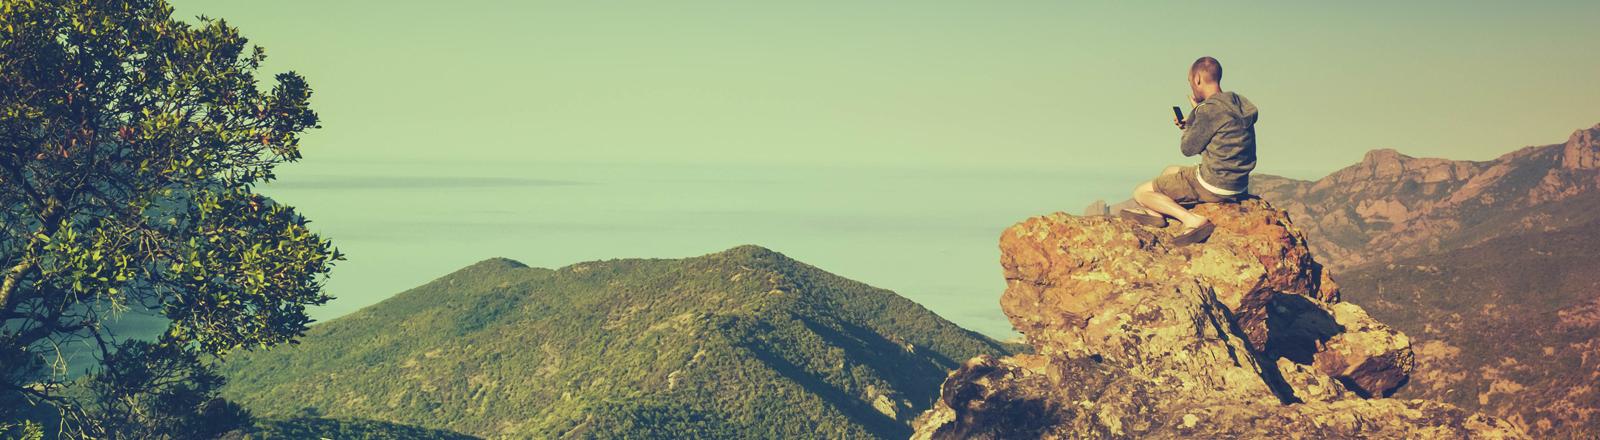 Ein junger Mann auf einem Berg arbeitet mit seinem Handy